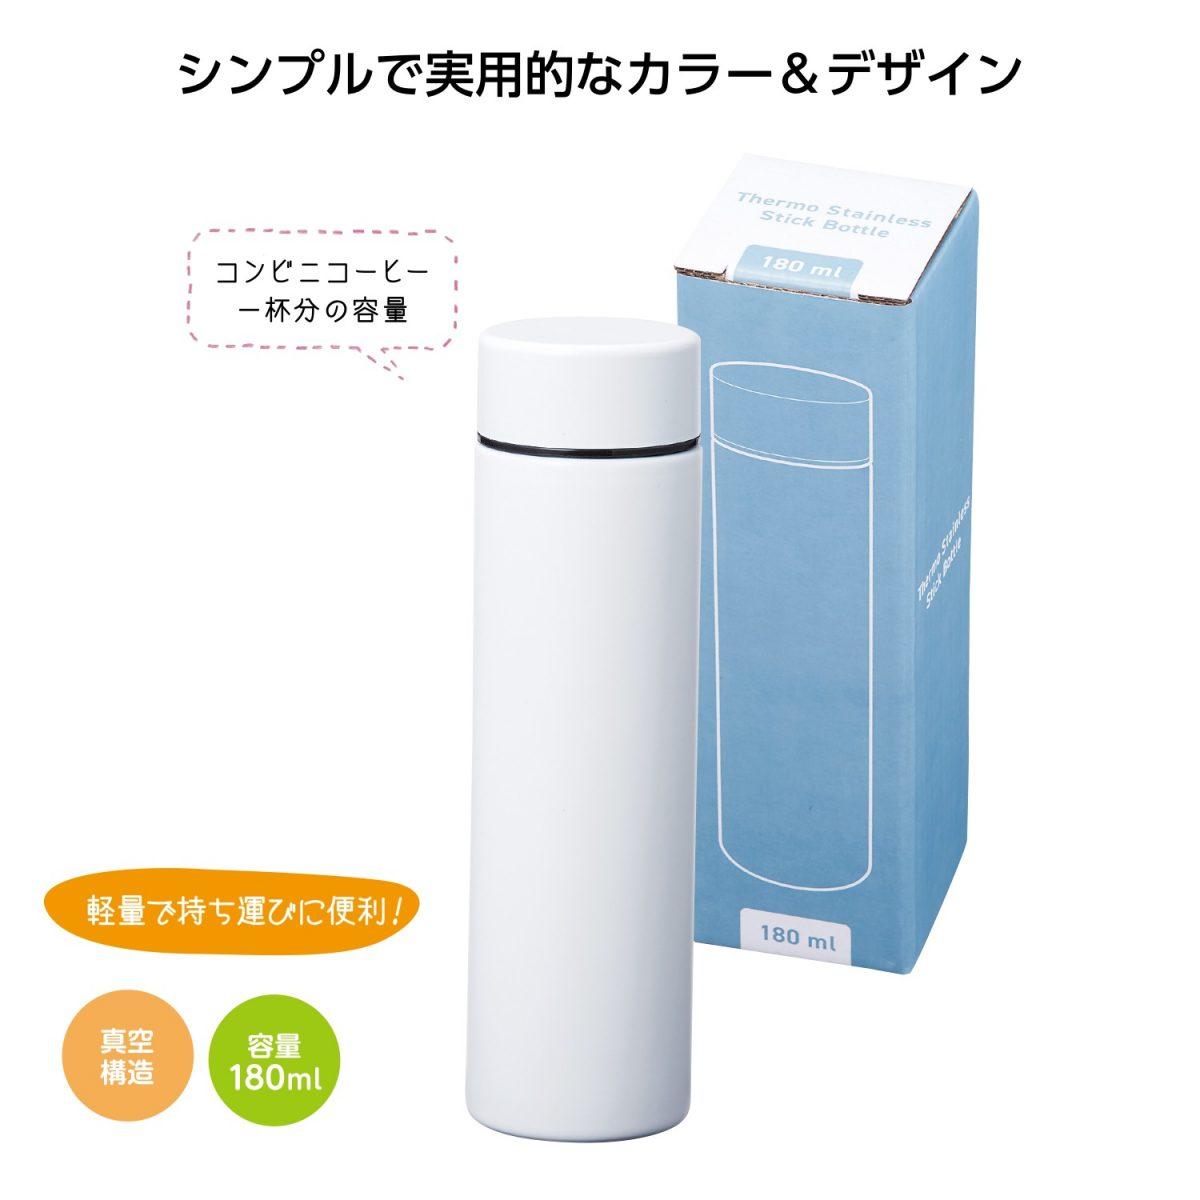 真空ステンレススティックボトル180ml ホワイト